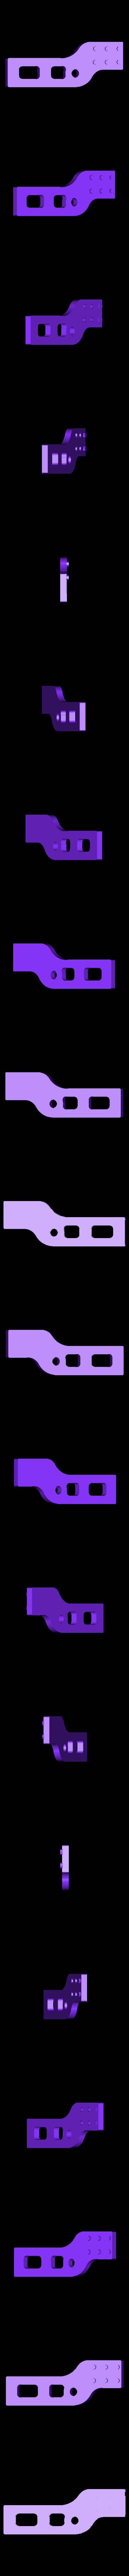 Link_Support_Frame-B.STL Download free STL file 4-8-8-4 Big Boy Locomotive • 3D printer object, RaymondDeLuca